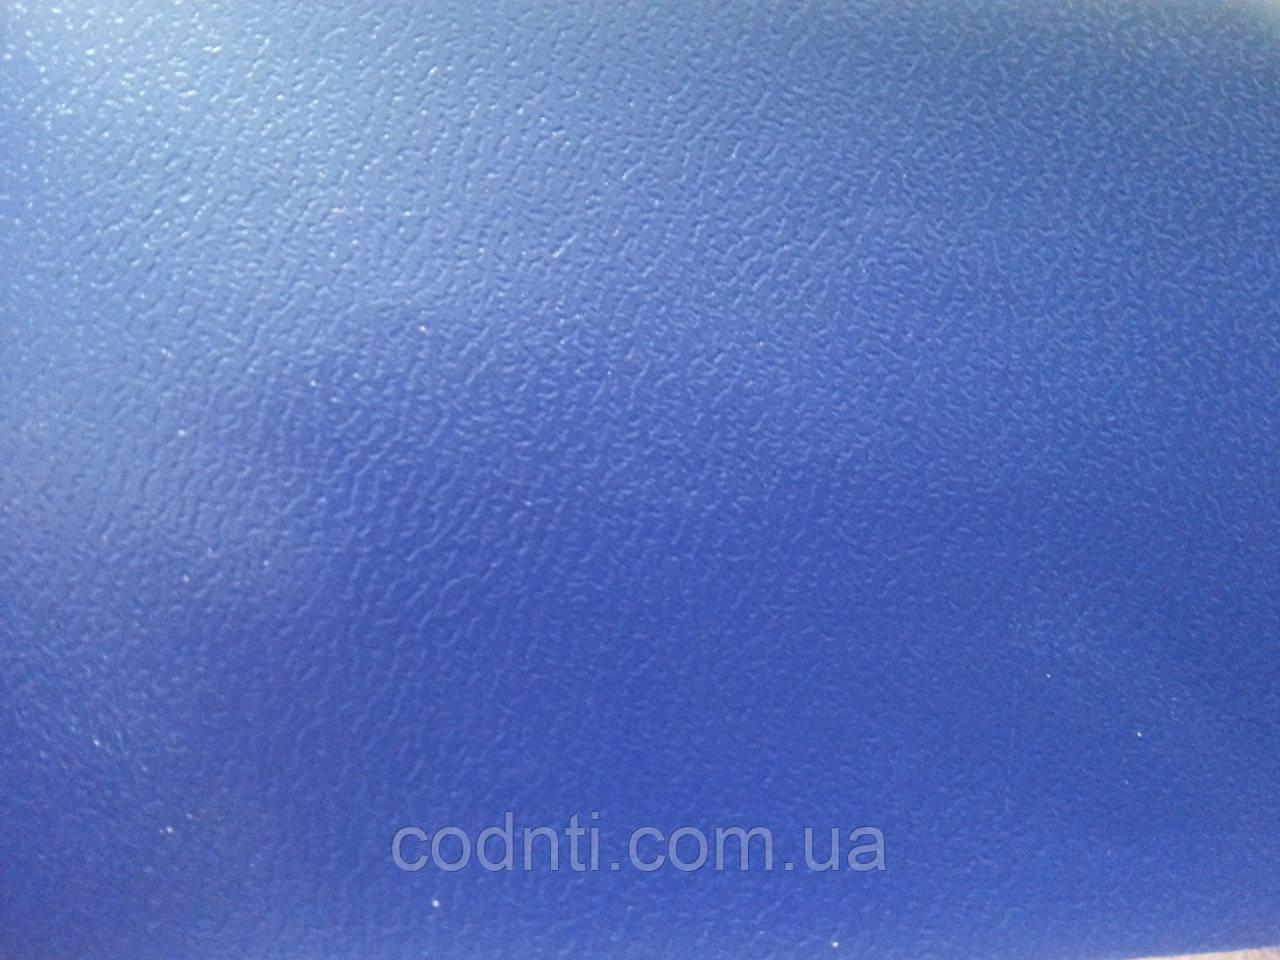 Бумвініл синій